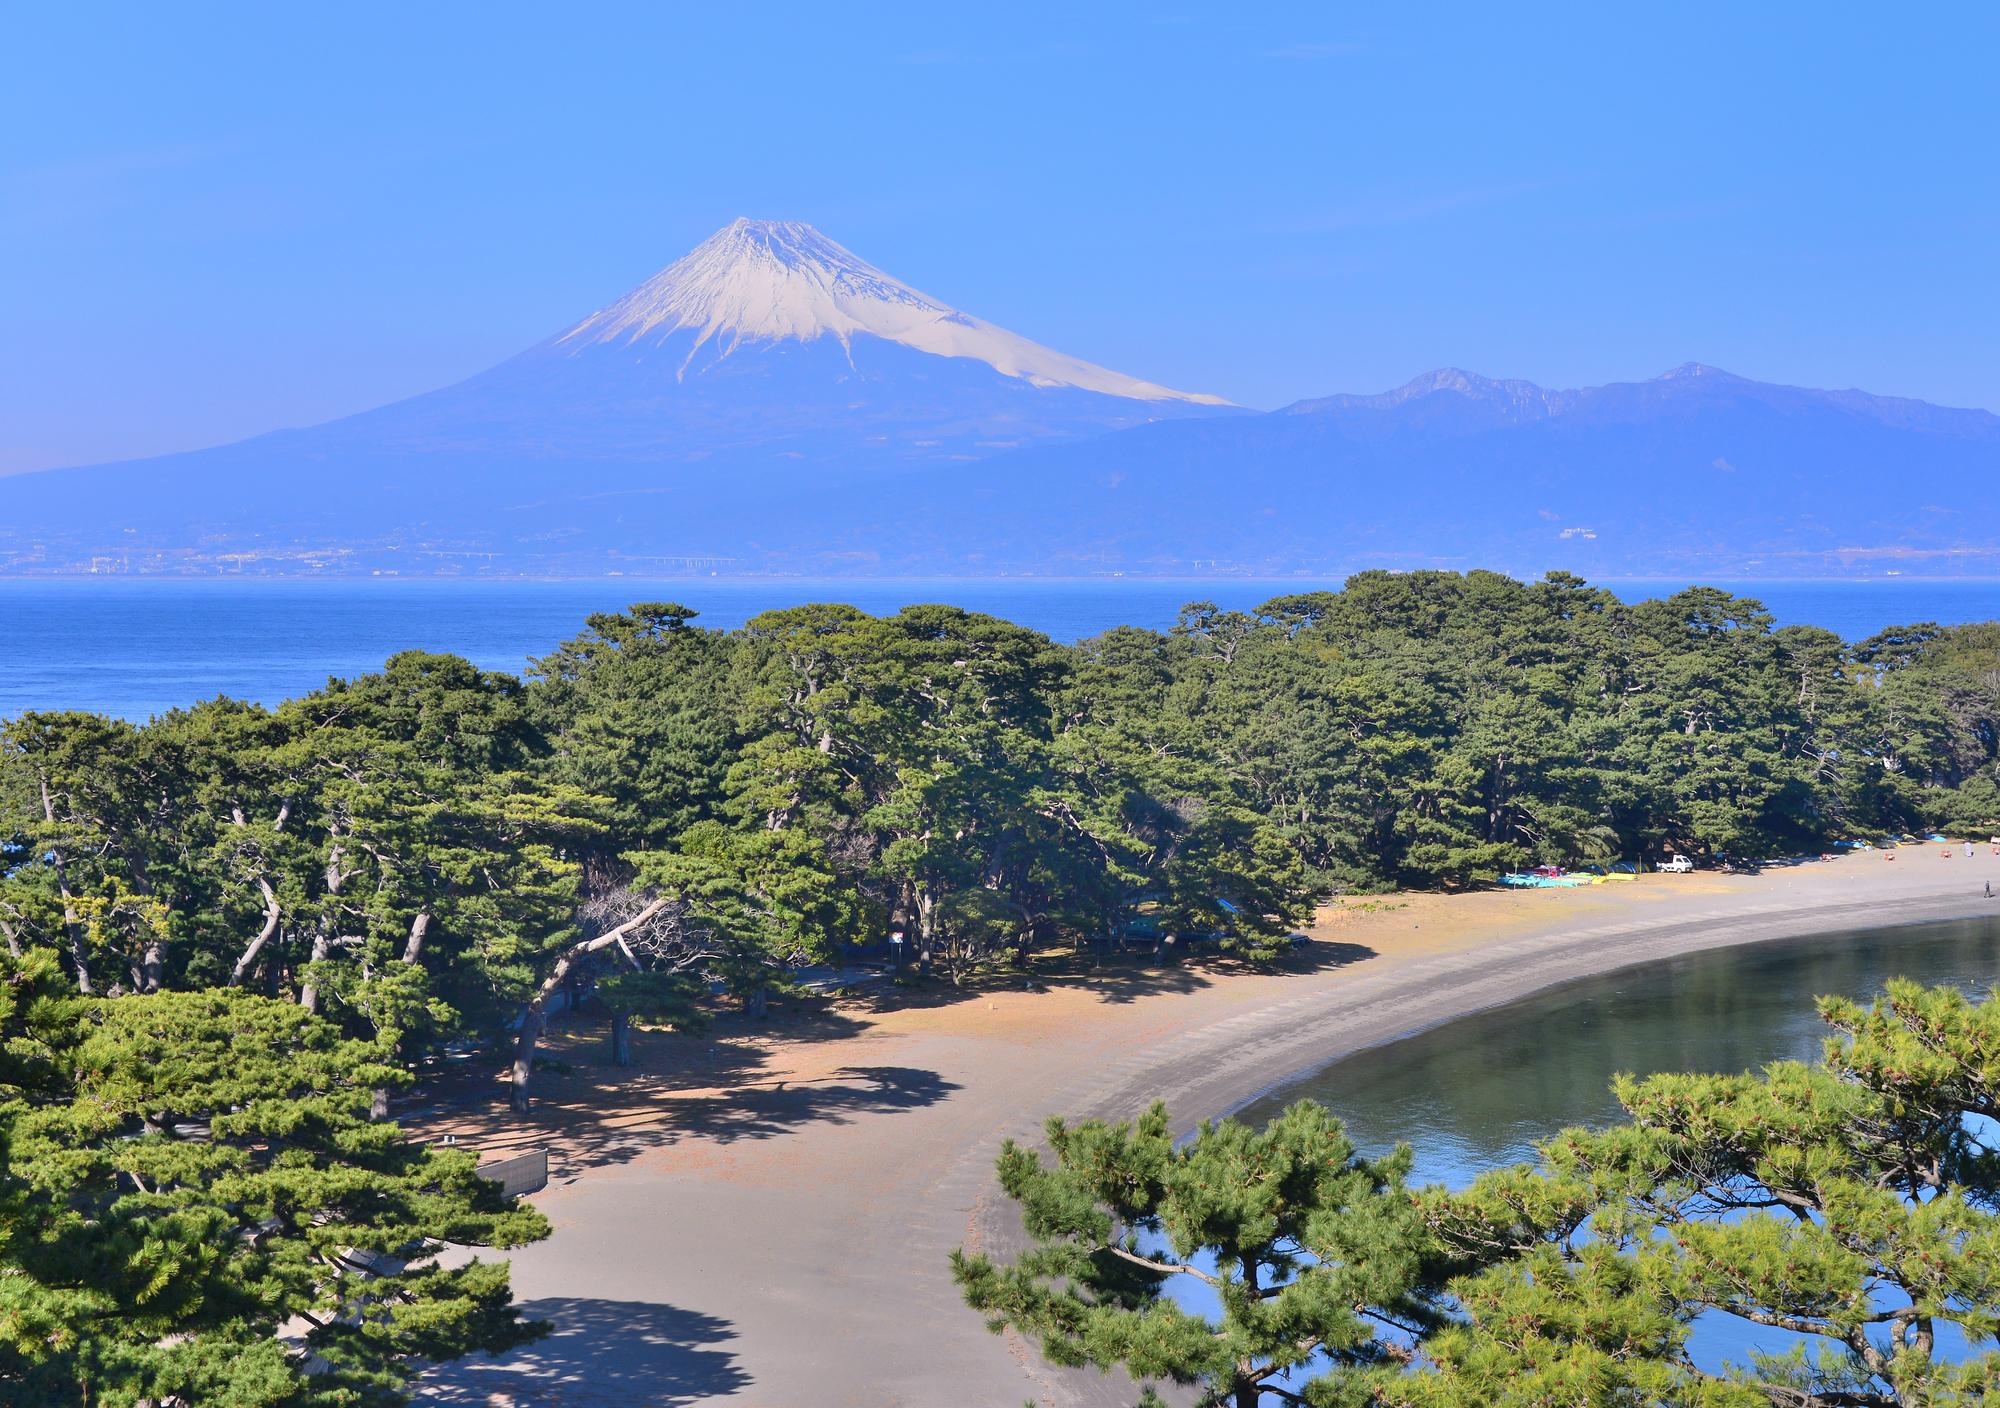 伊豆(静岡県)リゾートバイト案内-人気の伊豆リゾバの魅力とは?